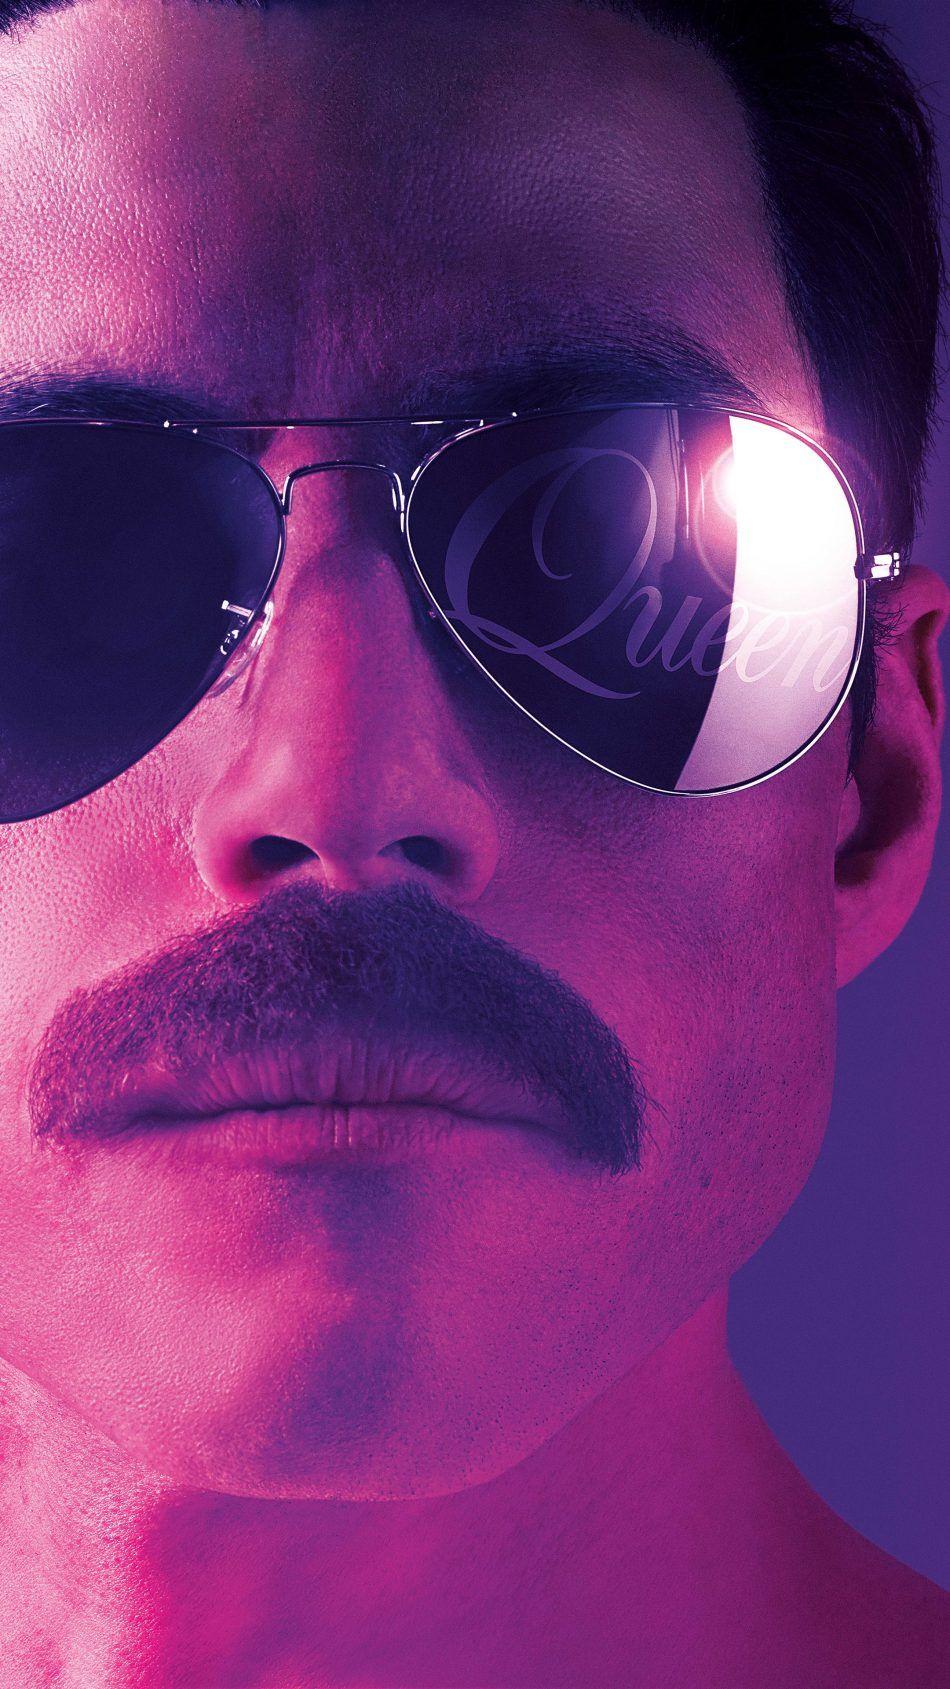 Bohemian Rhapsody 2018 4k Ultra Hd Mobile Wallpaper Queen Movie Queen Freddie Mercury Bohemian Rhapsody